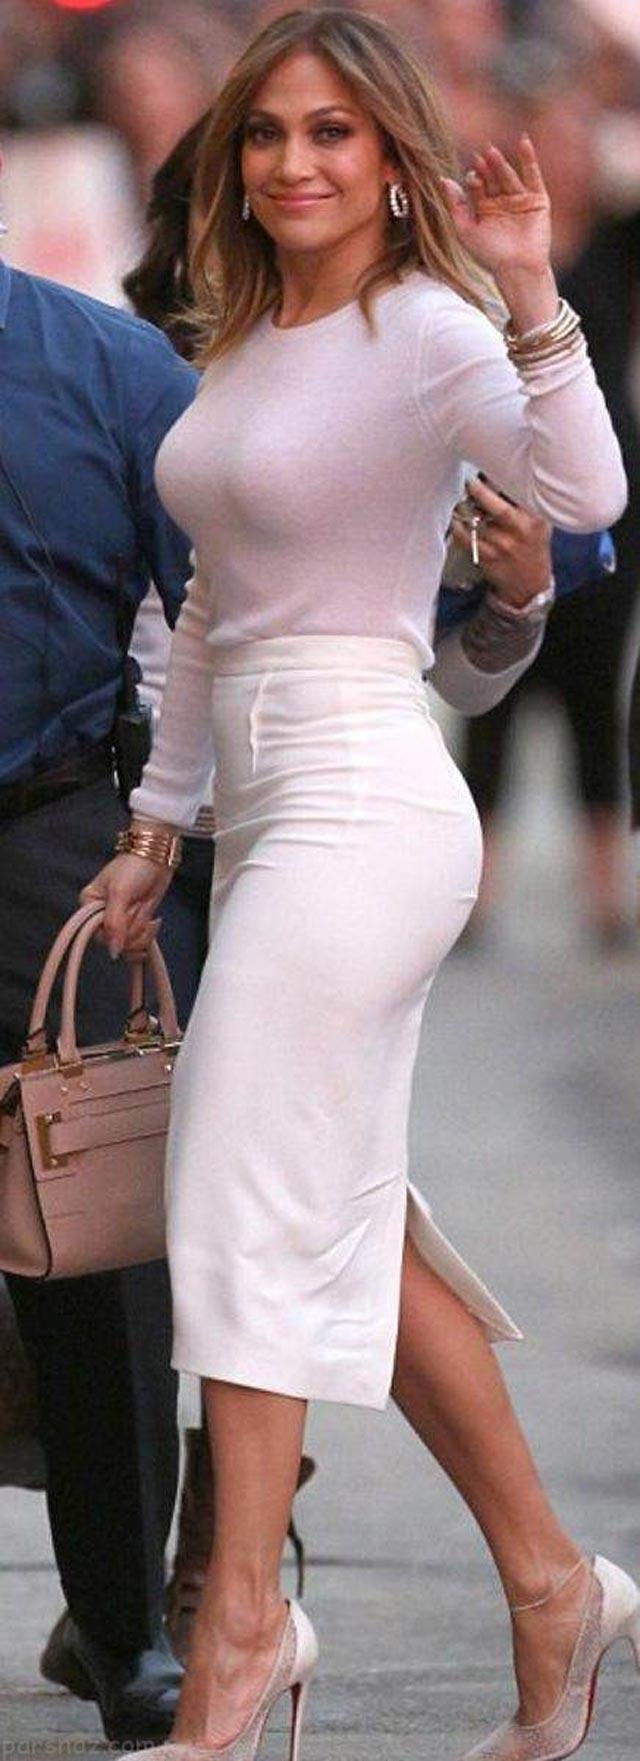 تناسب اندام زیبای جنیفرلوپز در آستانه 50 سالگی (عکس)